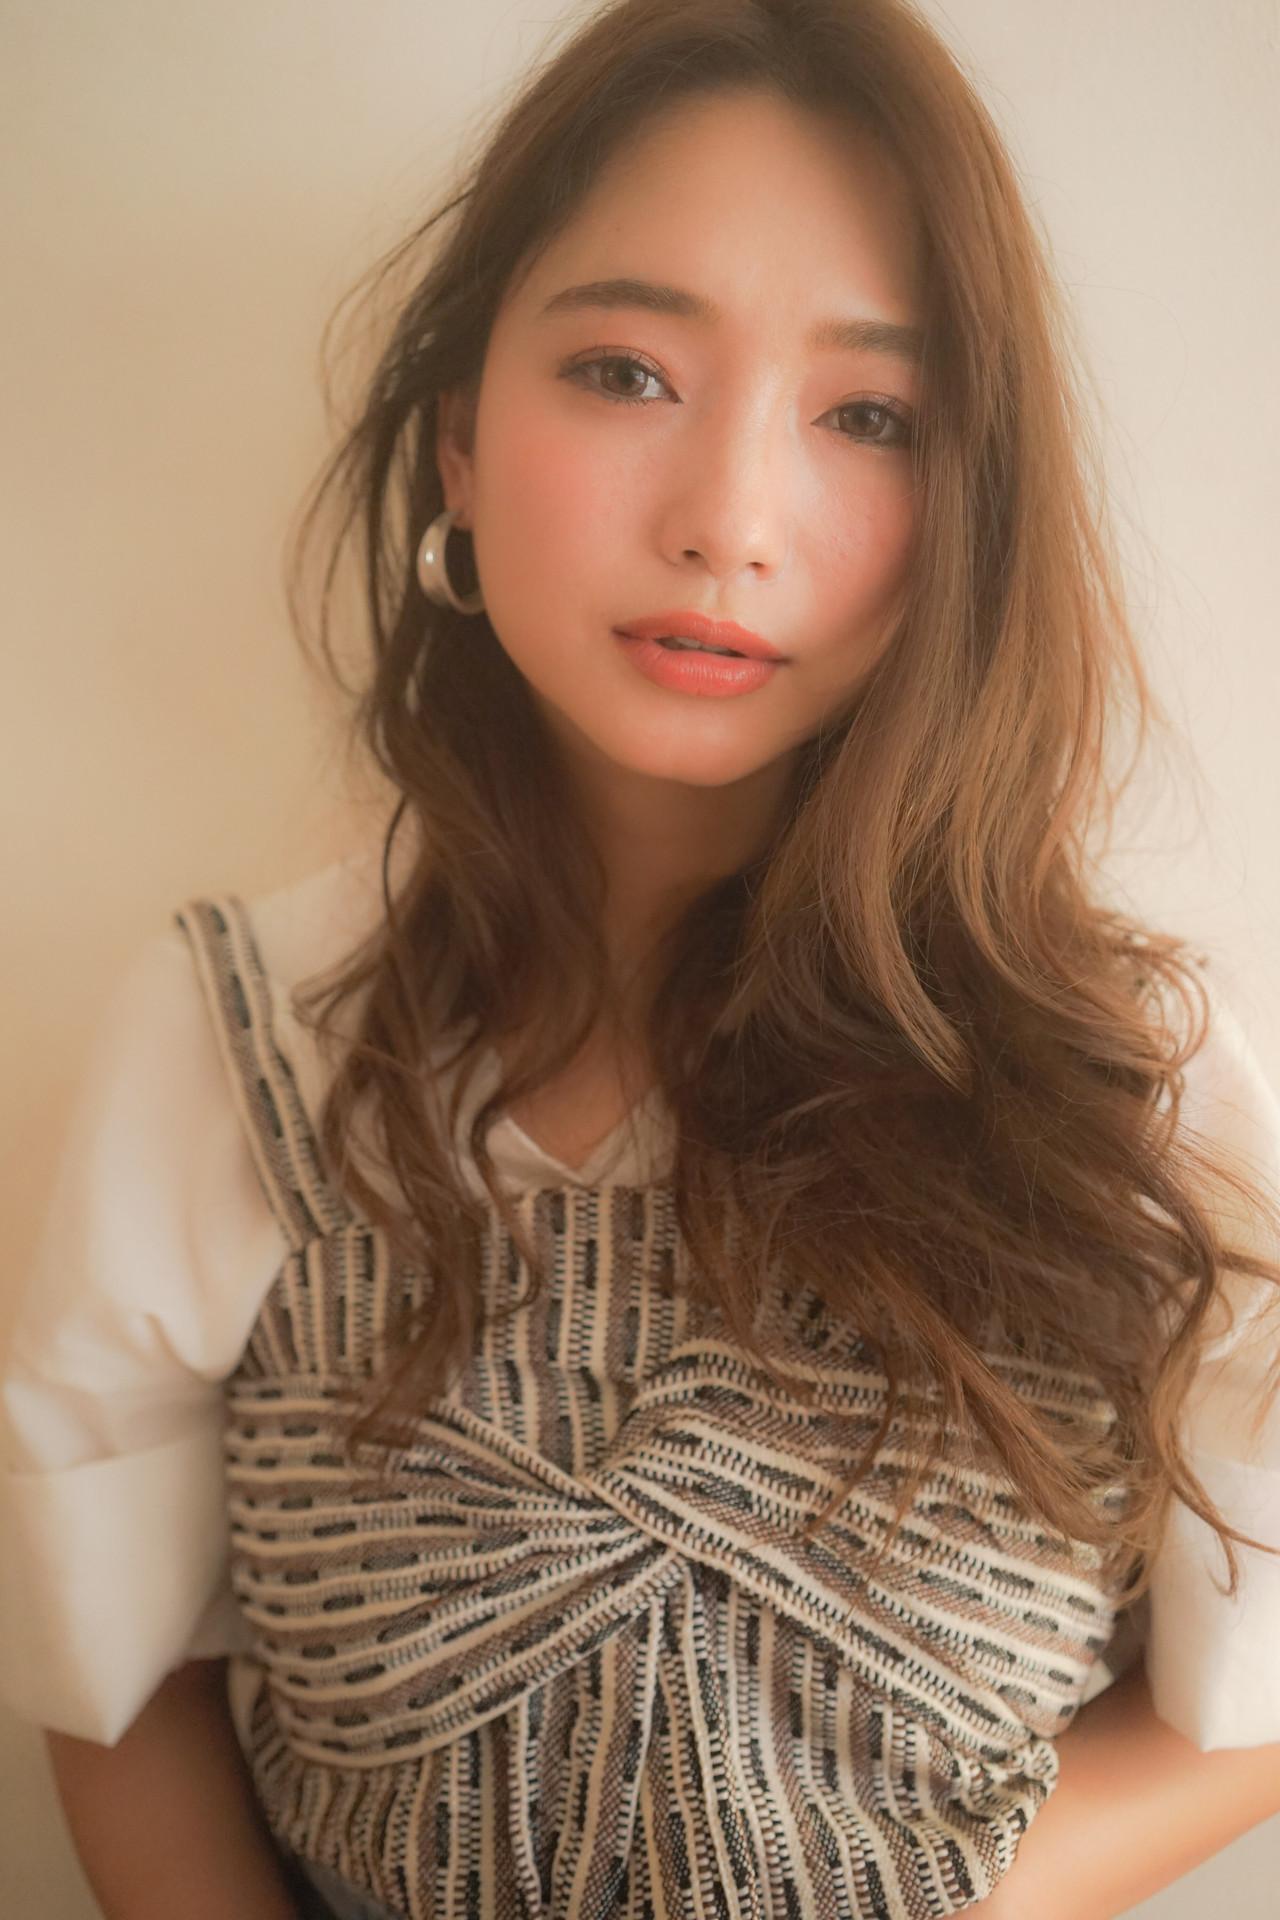 ワンカールパーマ ラベンダーグレージュ ゆるふわパーマ ワンカール ヘアスタイルや髪型の写真・画像